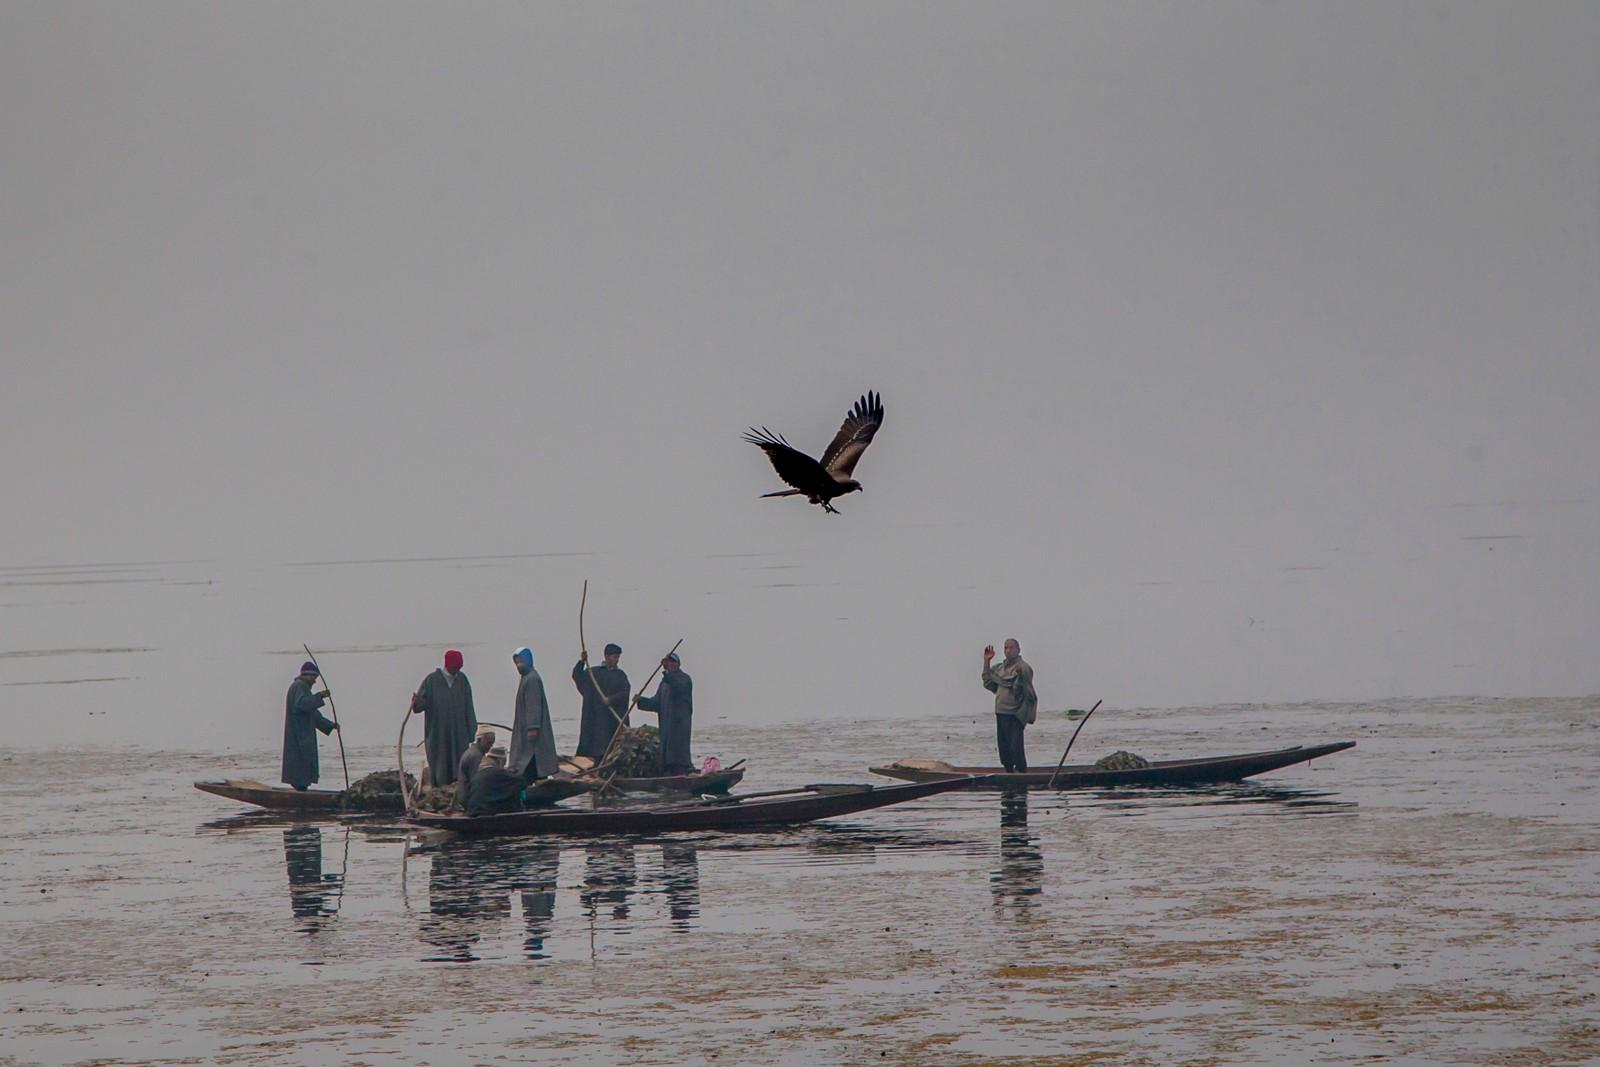 En ørn flyr over arbeidere som fjerne ugress fra Dal-sjøen i Srinagar i India.